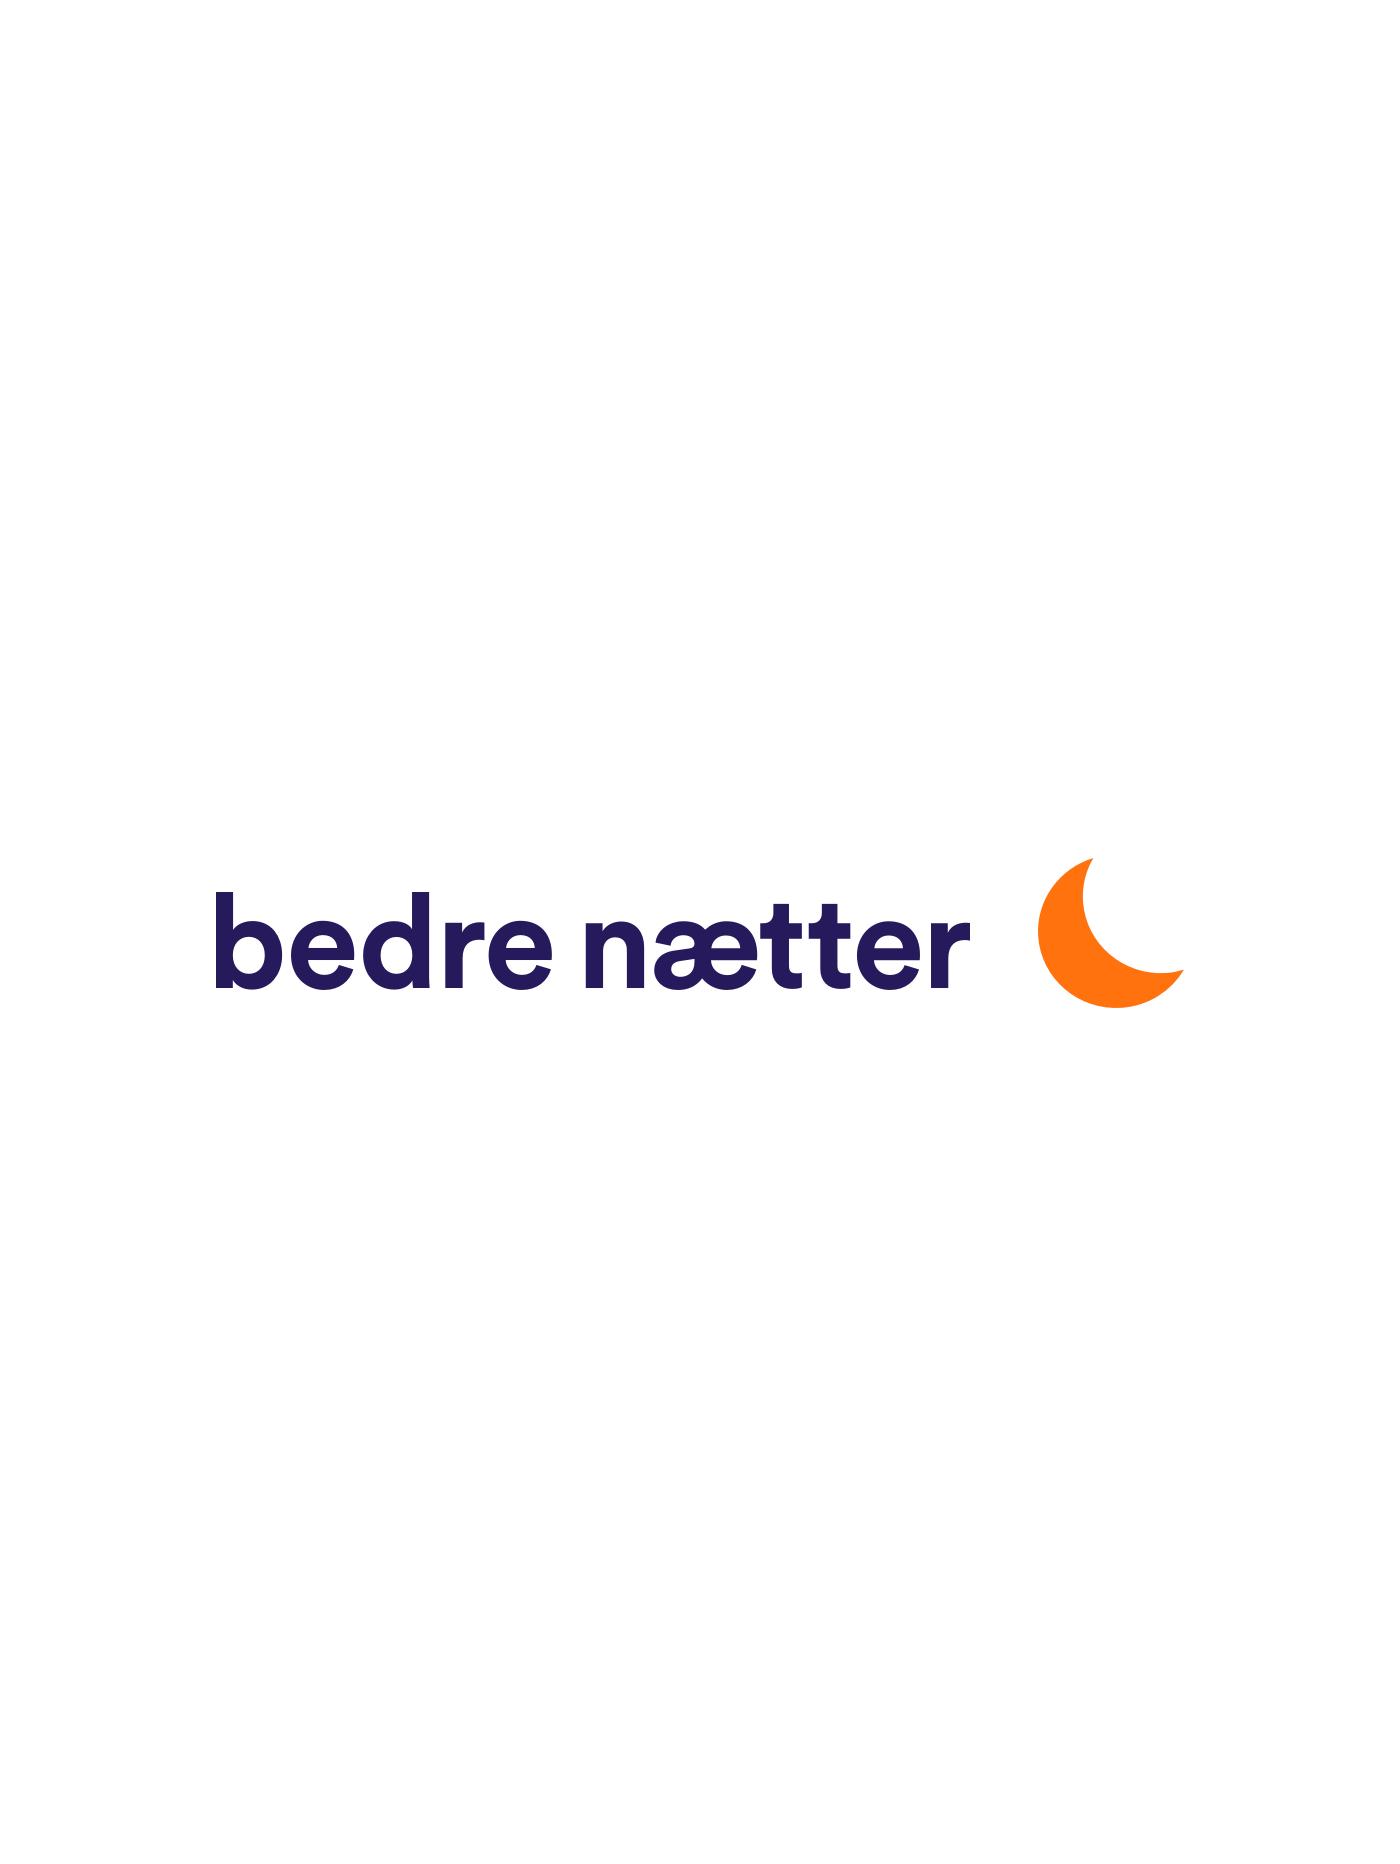 02_01_logo_branding_Bedre Nætter magento website_by_basov_design